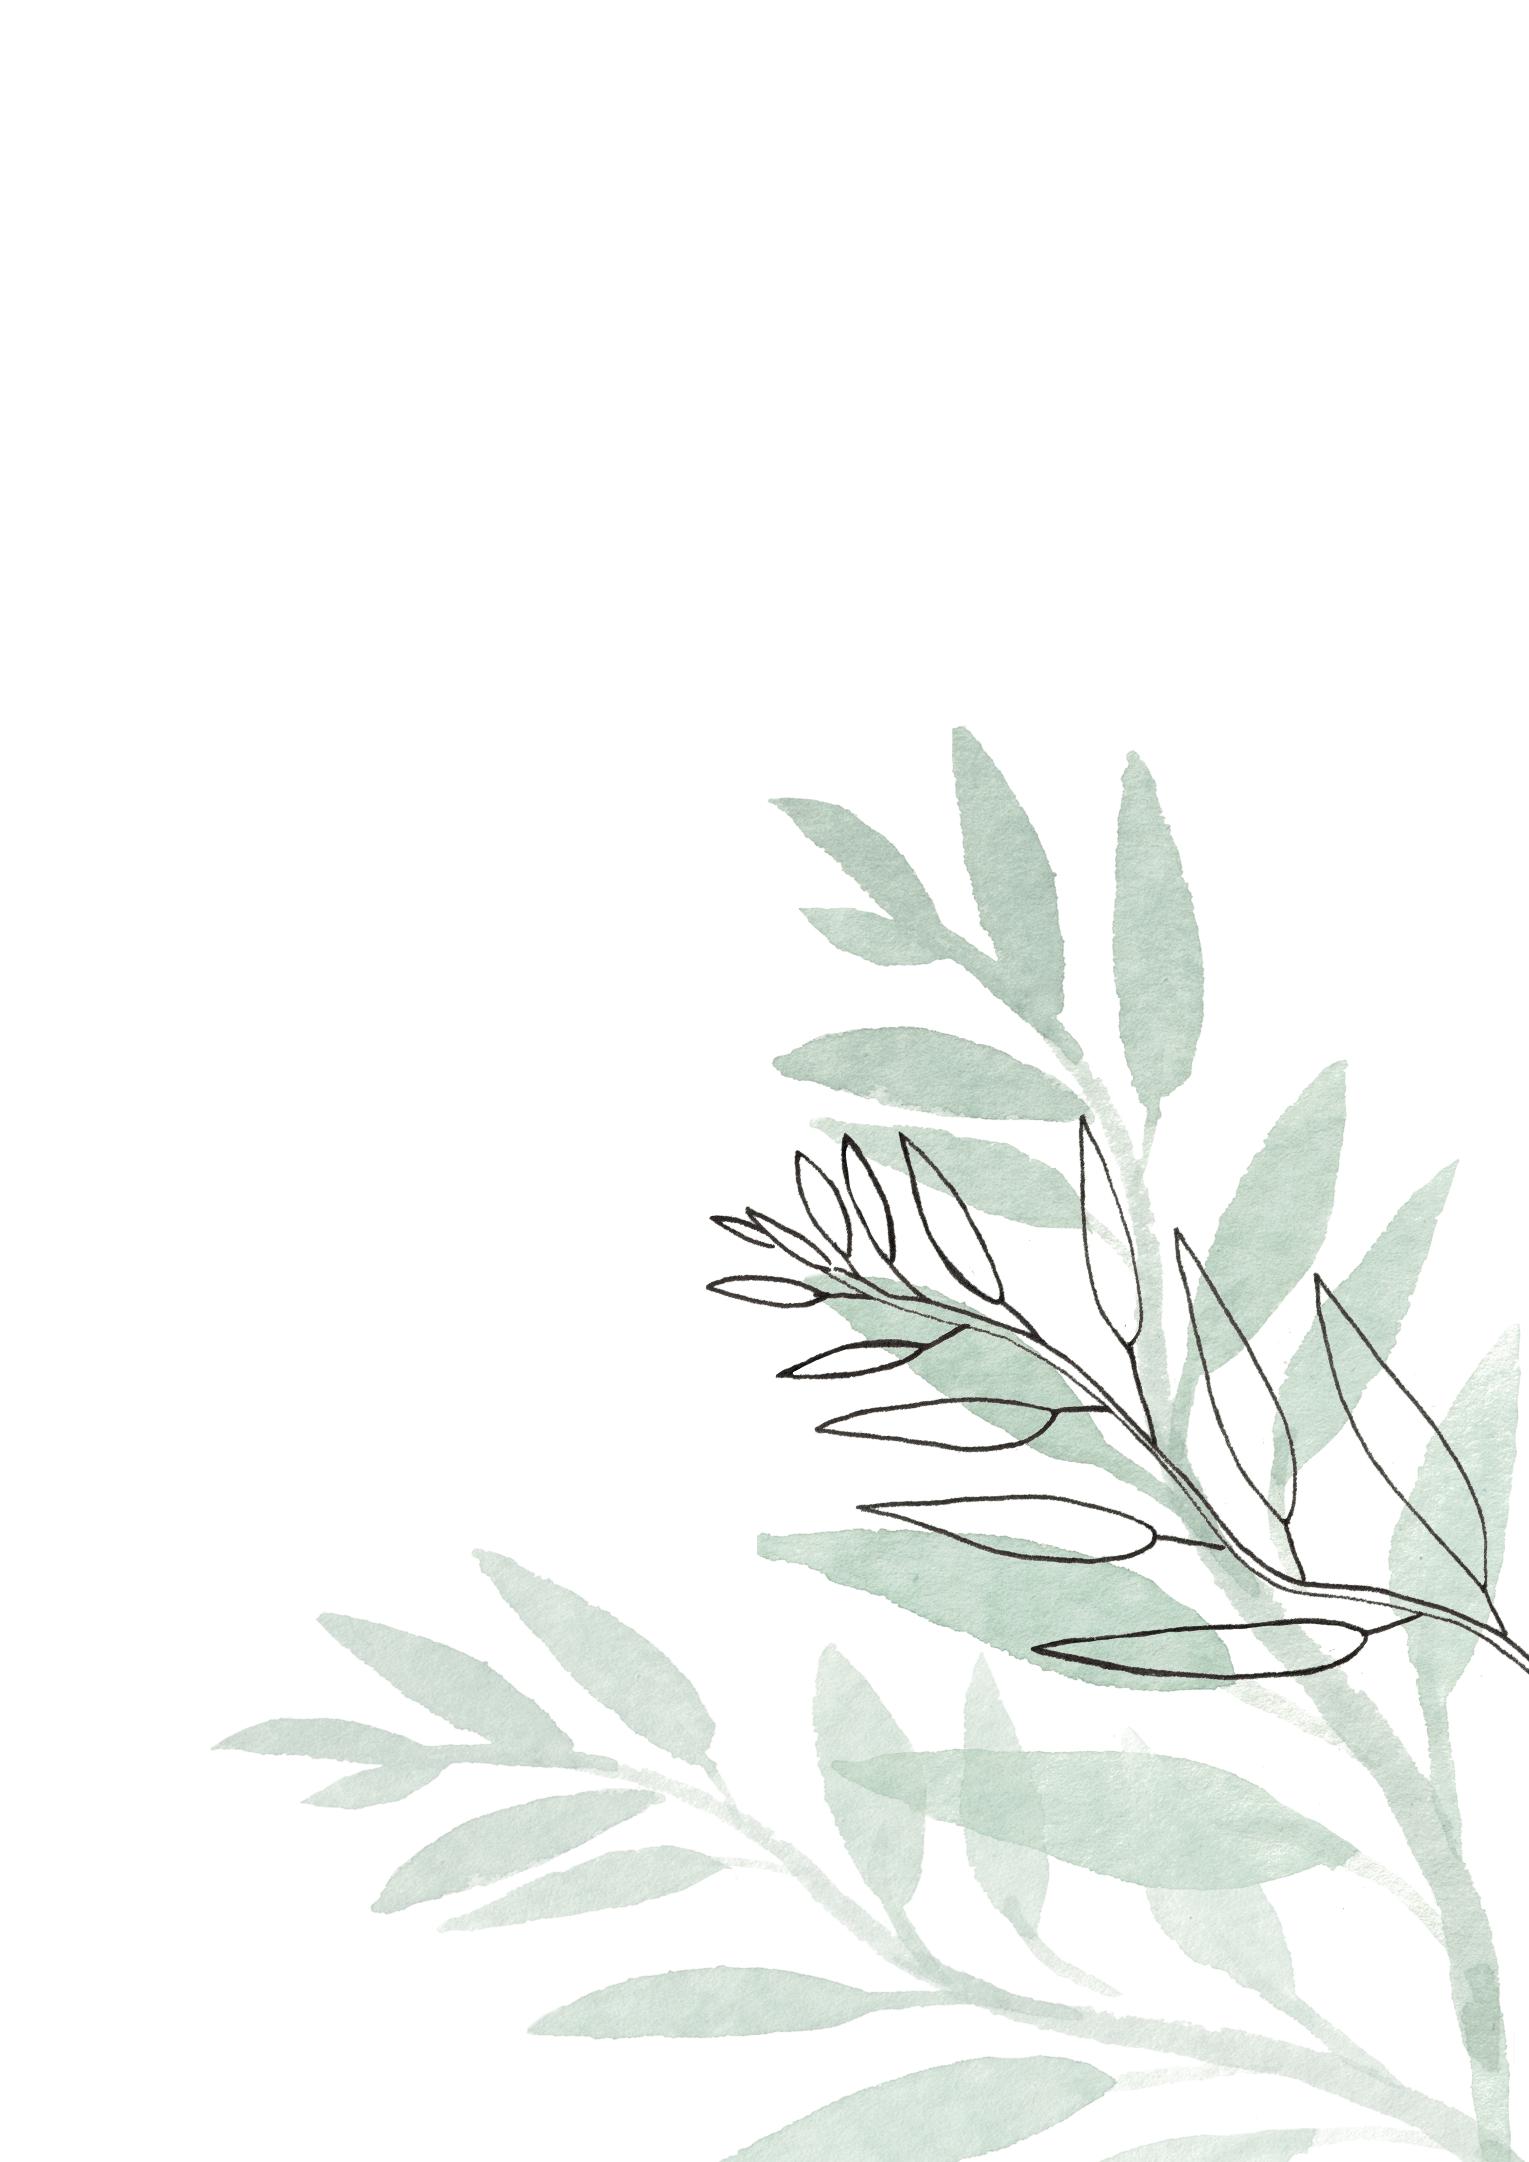 Botanische Blatt-Zweig, Aquarell Abbildung